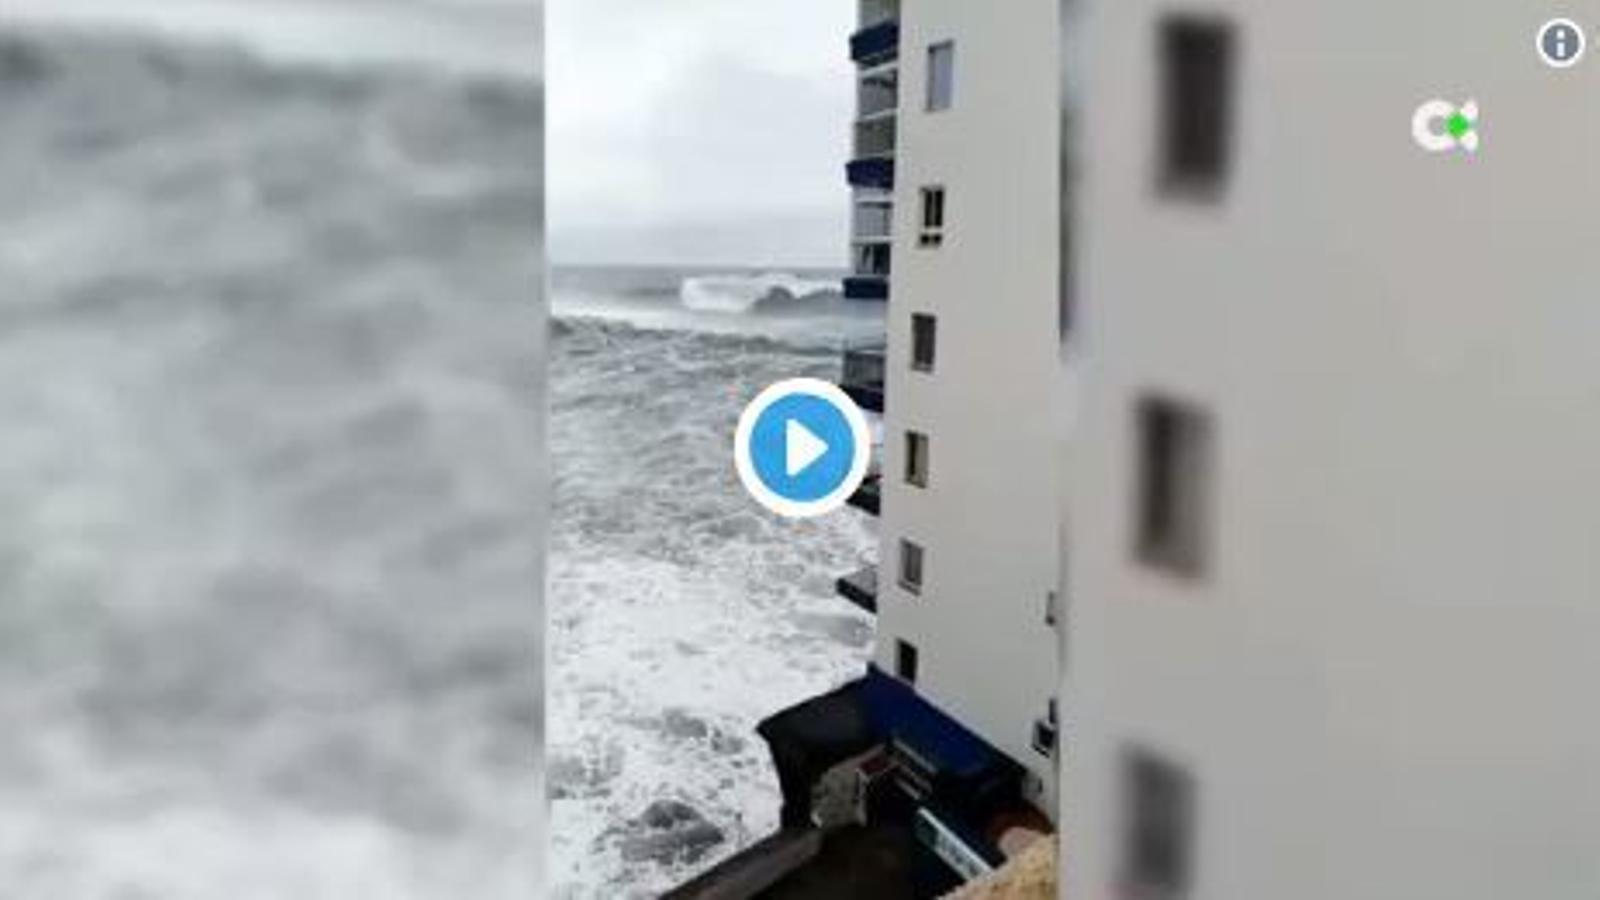 El fort onatge s'emporta dos balcons d'un edifici al nord de Tenerife